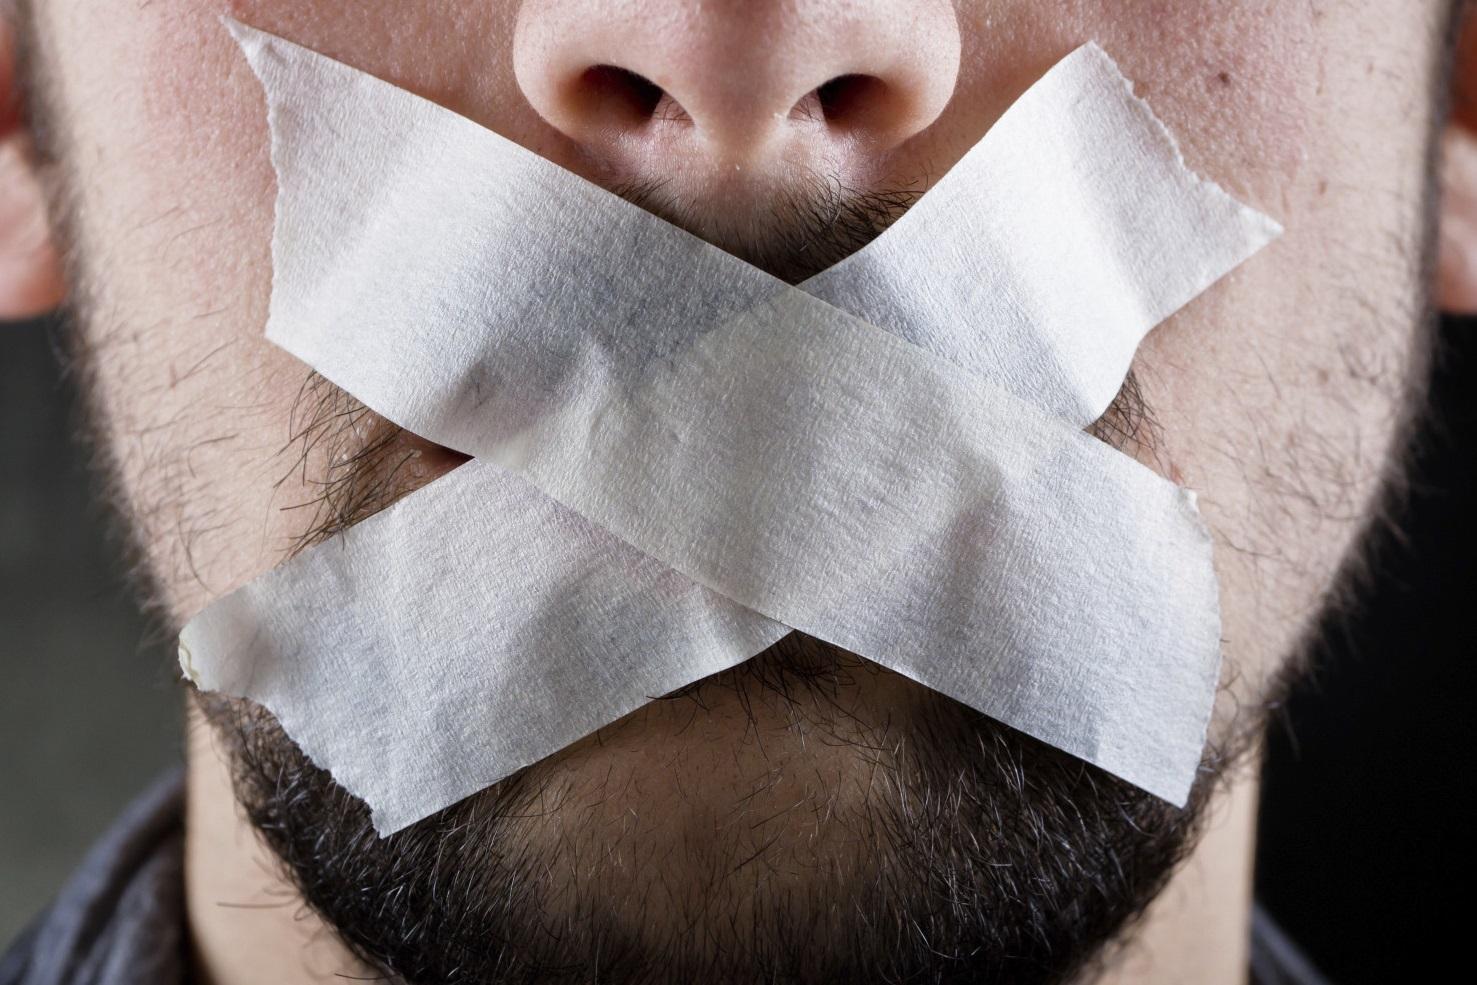 ІМІ розповів, хто в Україні найбільше посягає на свободу слова